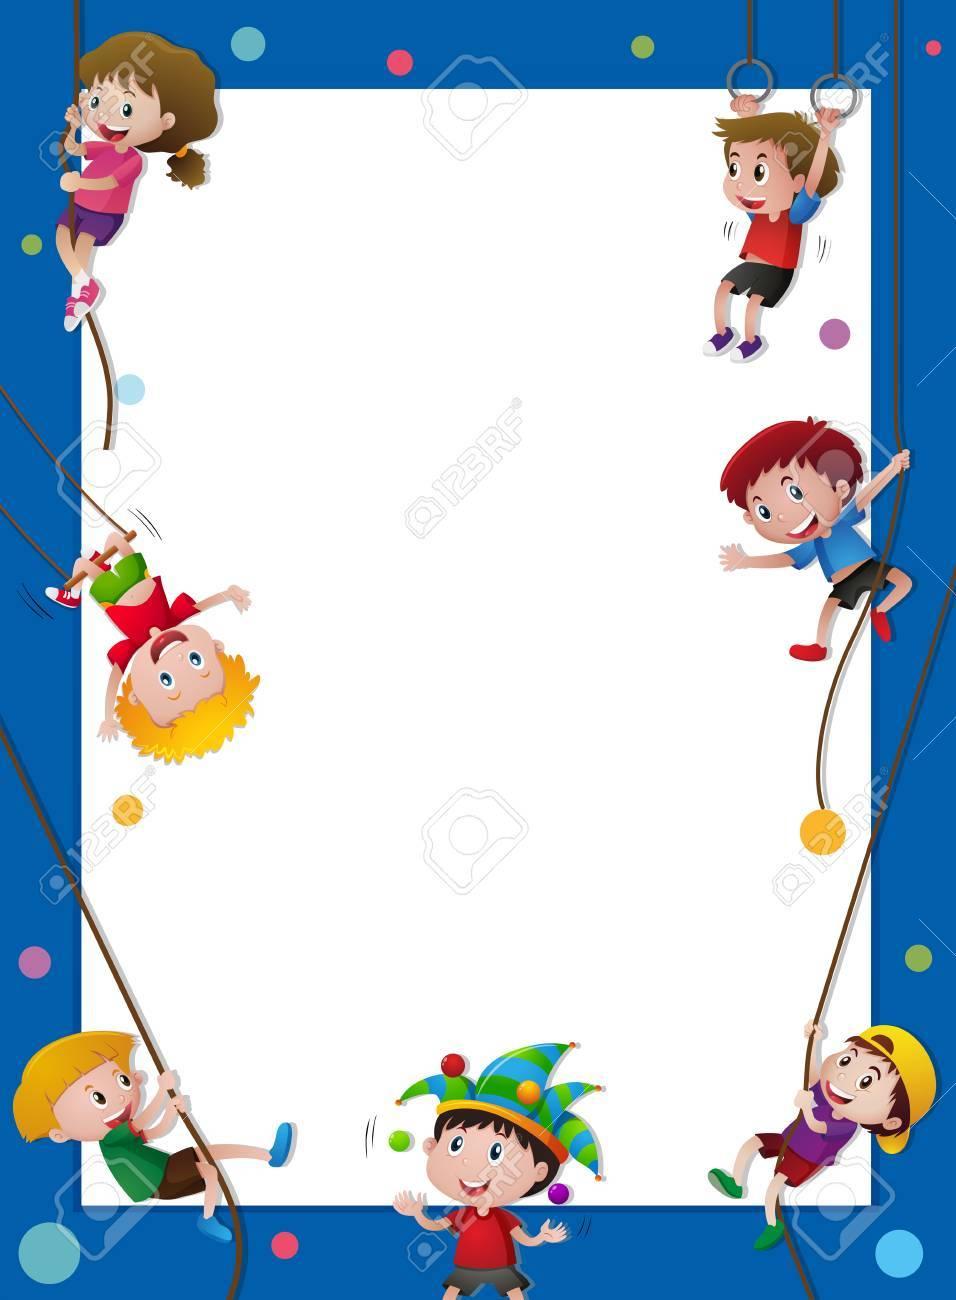 Plantilla De Borde Con Niños En La Ilustración De La Cuerda ...